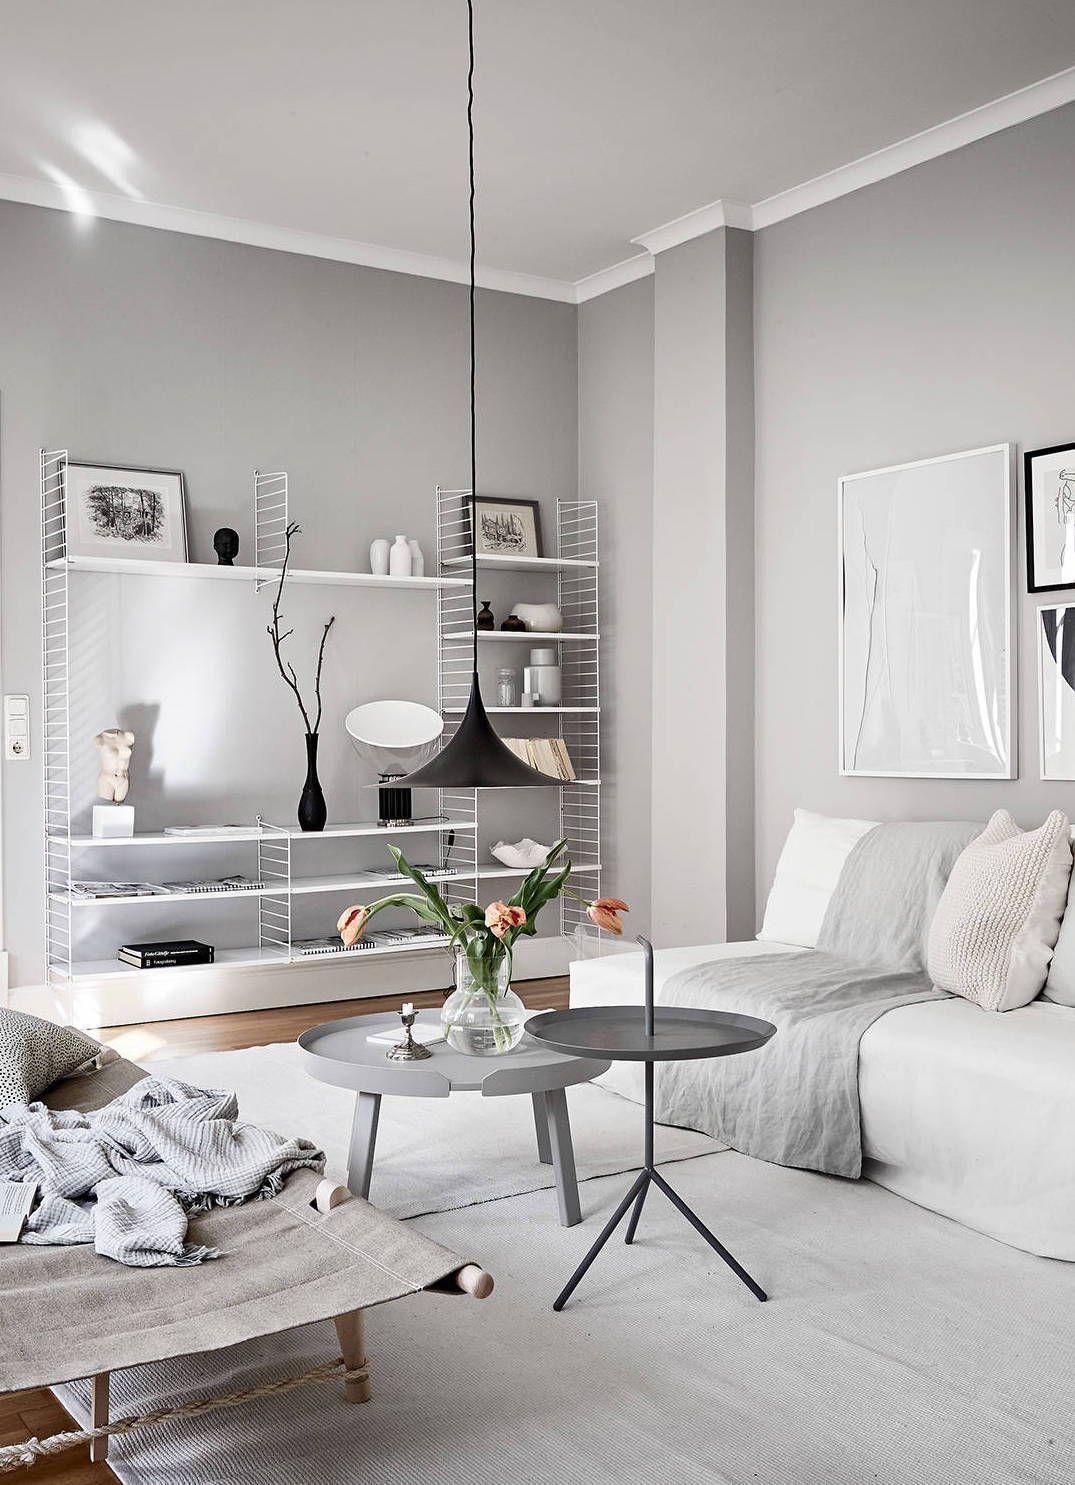 Light Flooded Home In Grey Via Coco Lapine Design Blog Dizajn Interera Dizajn Doma Interer